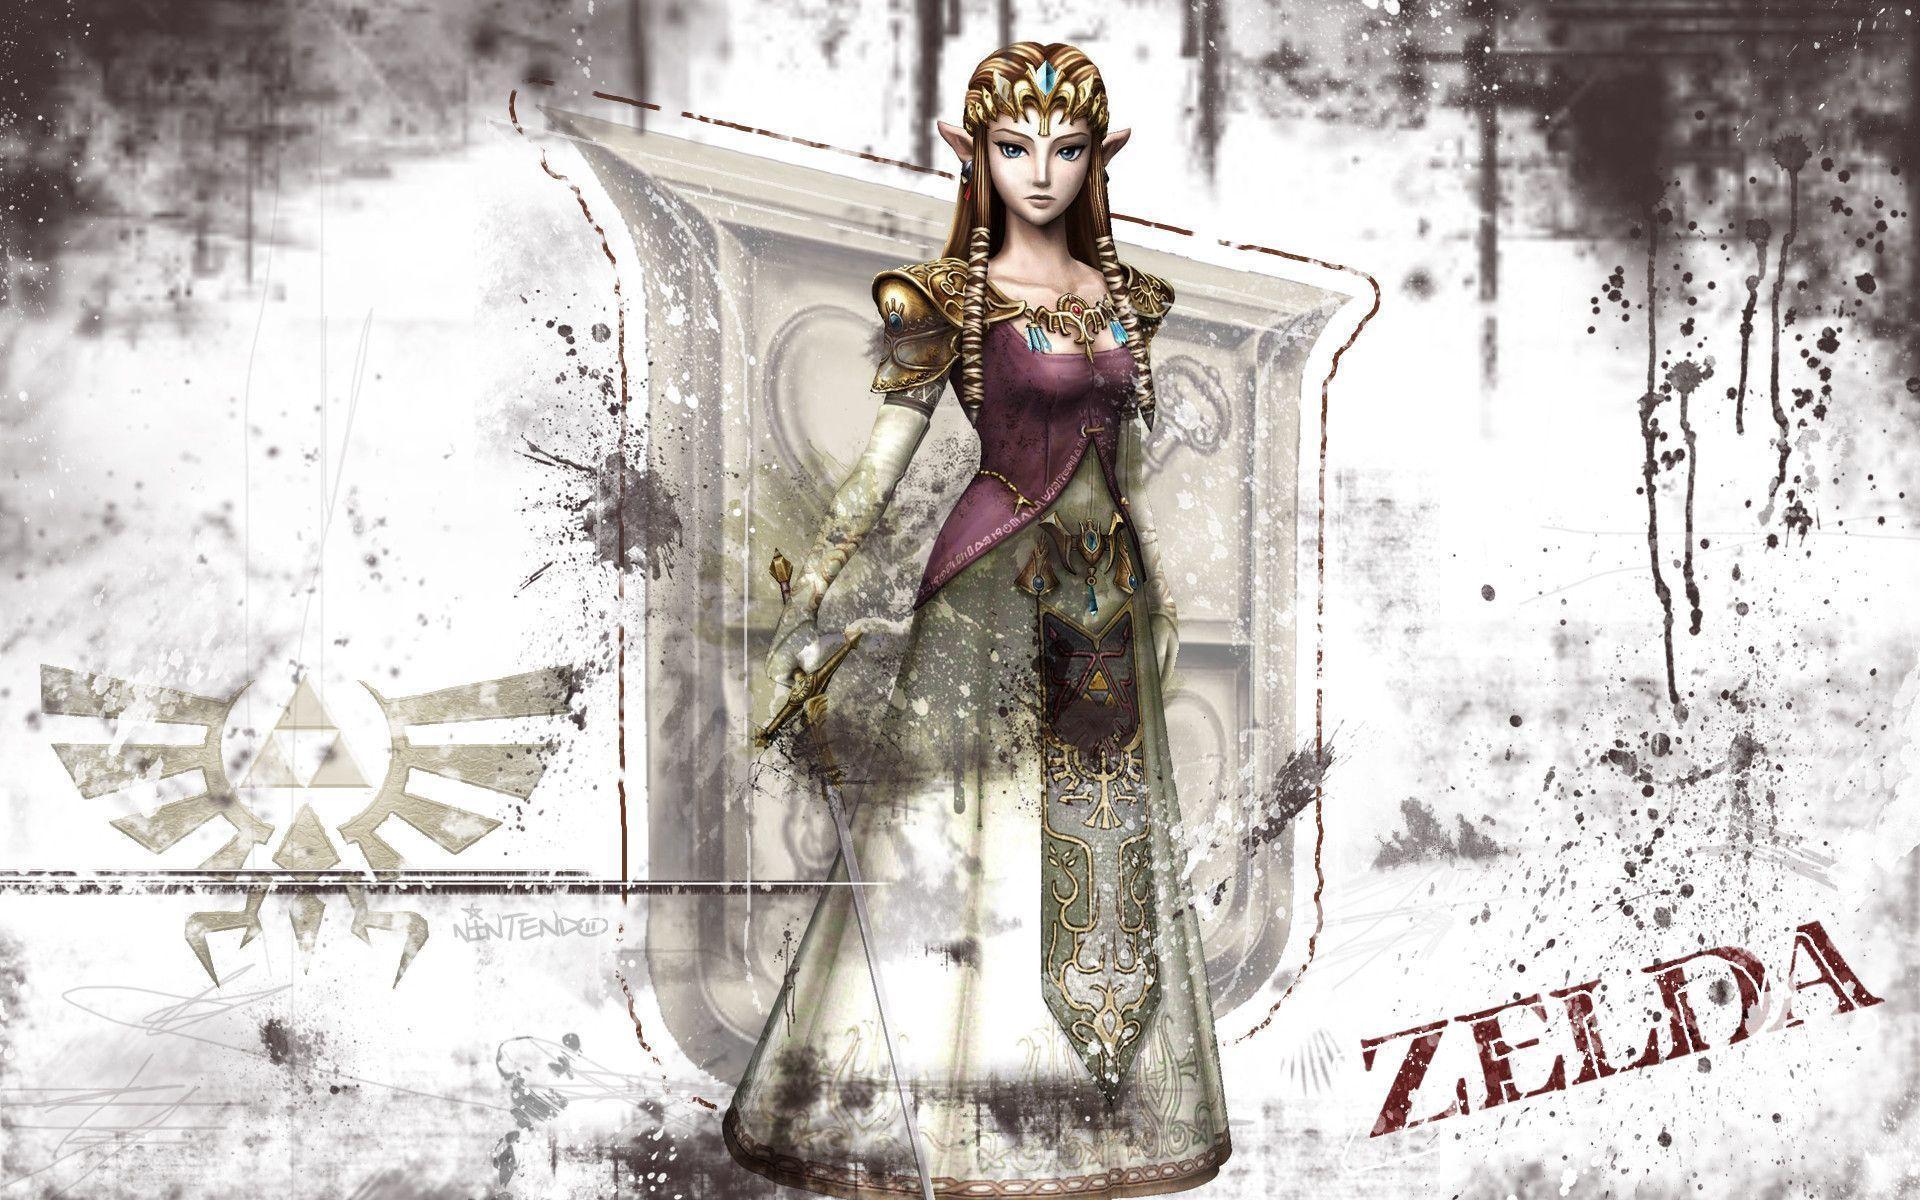 Princess Zelda Wallpapers